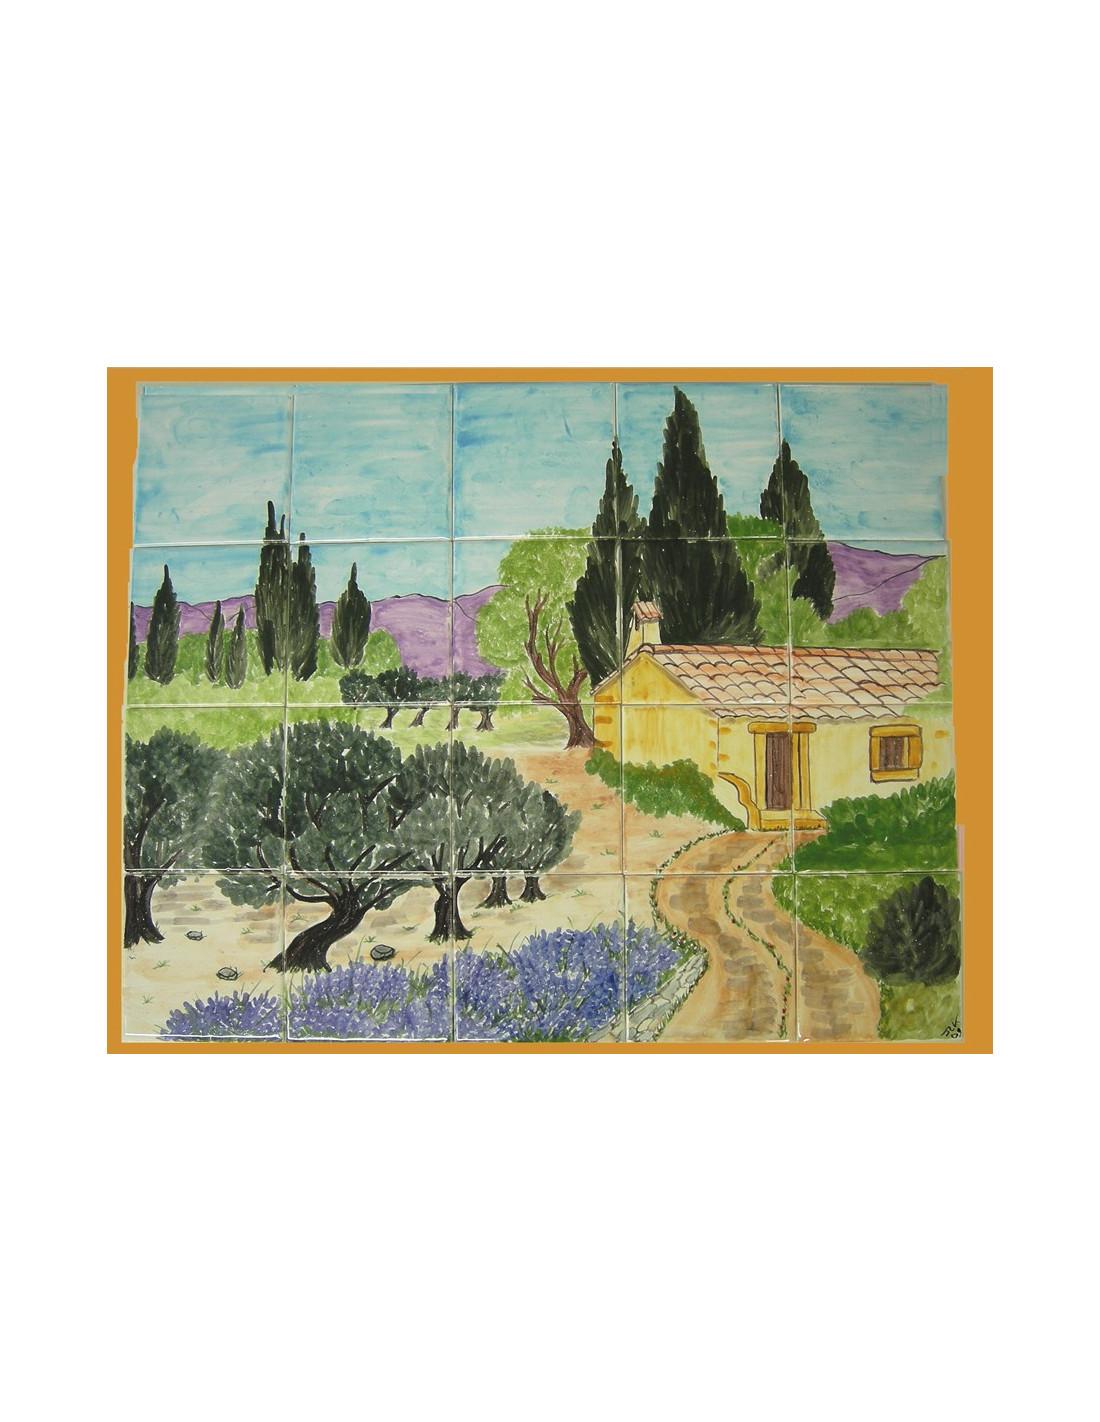 fresque murale sur carreaux de faience decor artisanal modele cabanon et campagne provencale 40x50